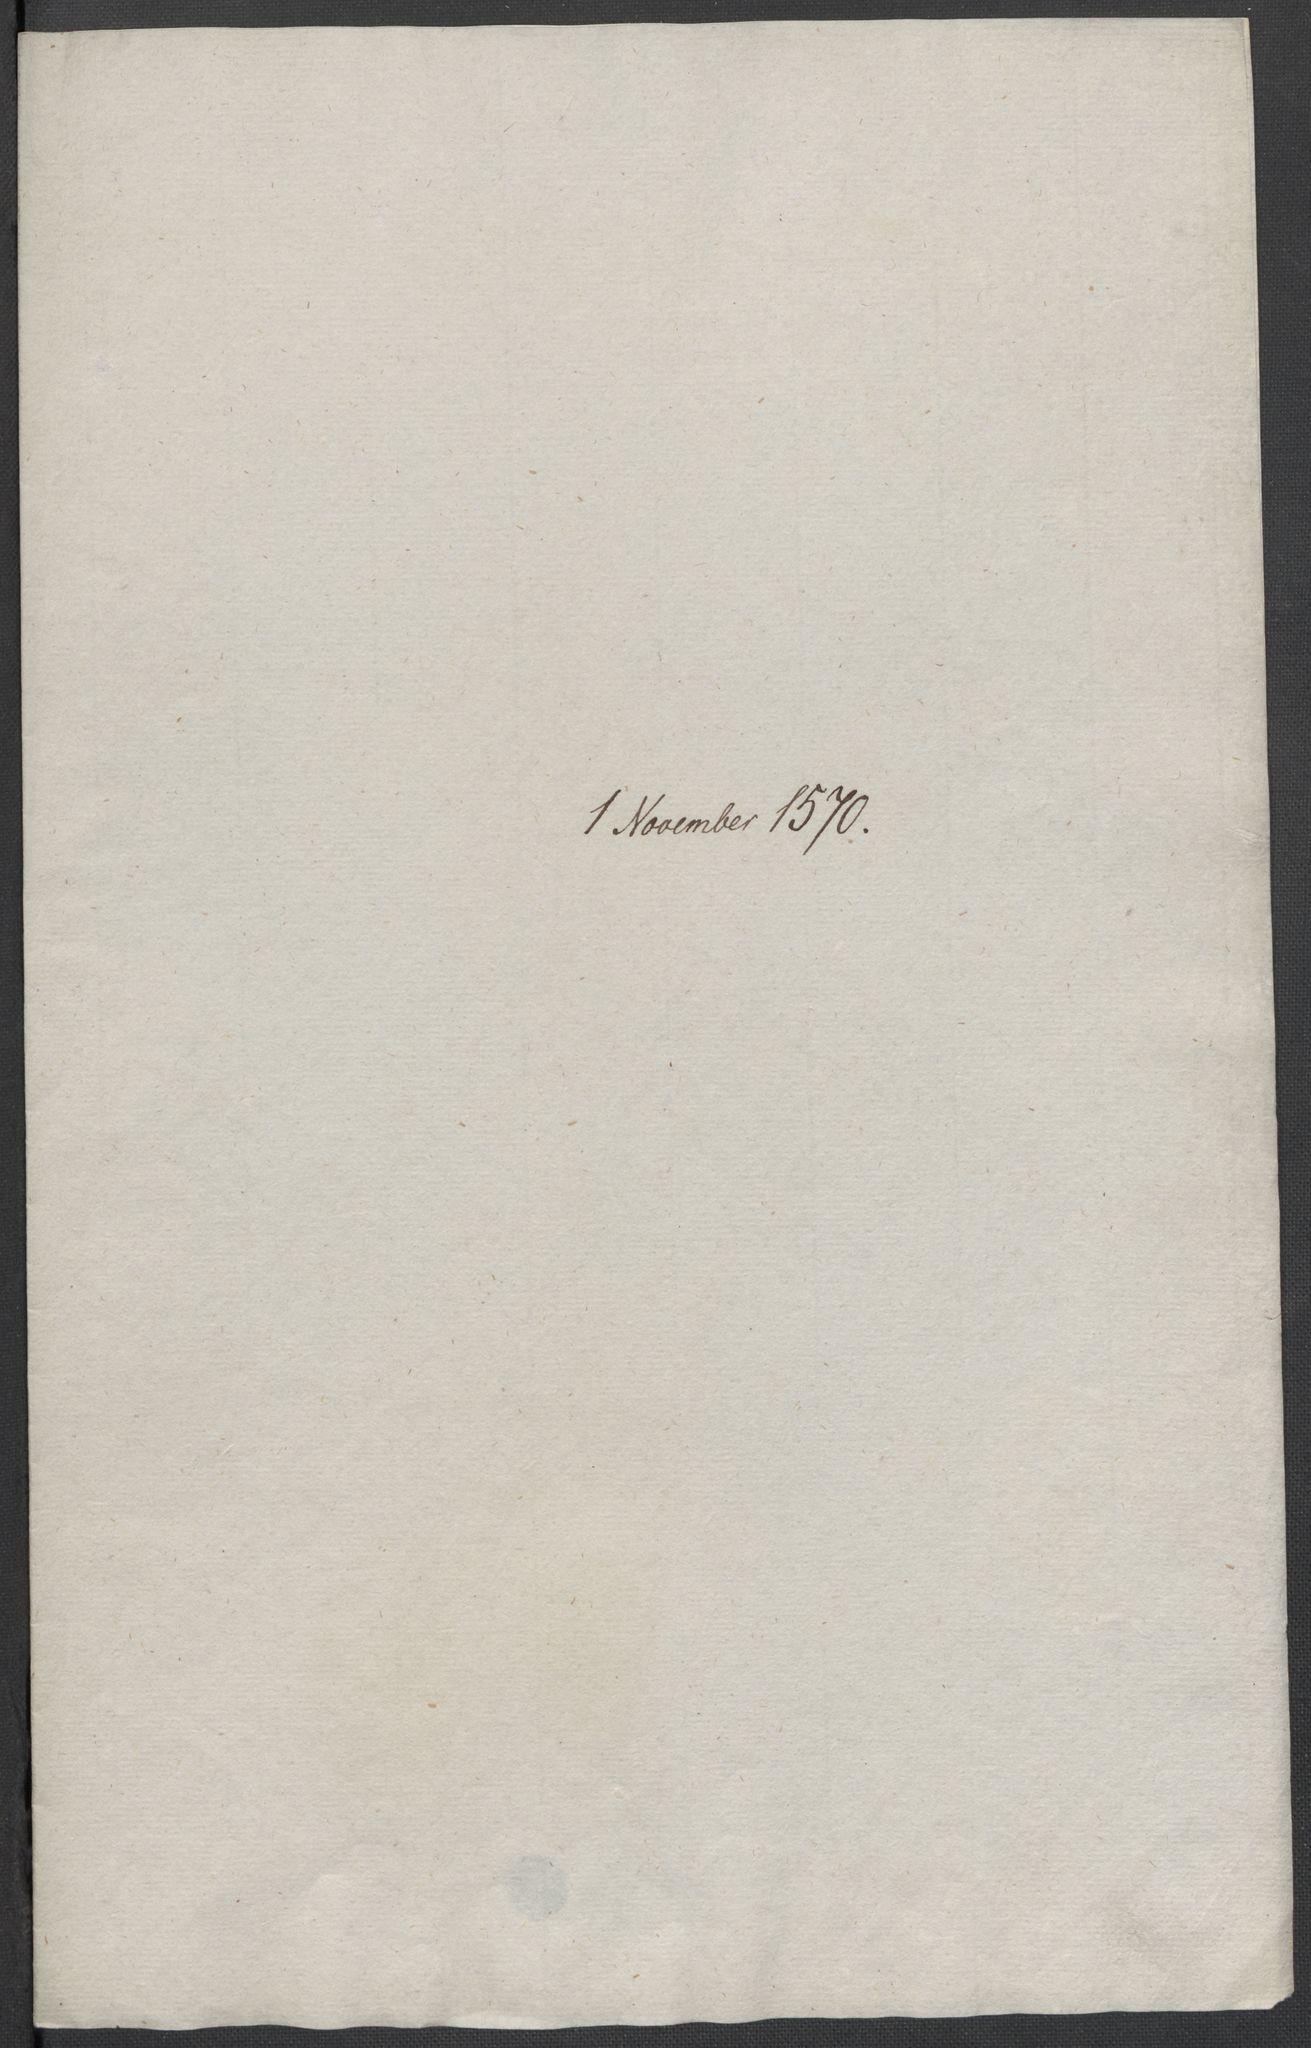 RA, Riksarkivets diplomsamling, F02/L0075: Dokumenter, 1570-1571, s. 39